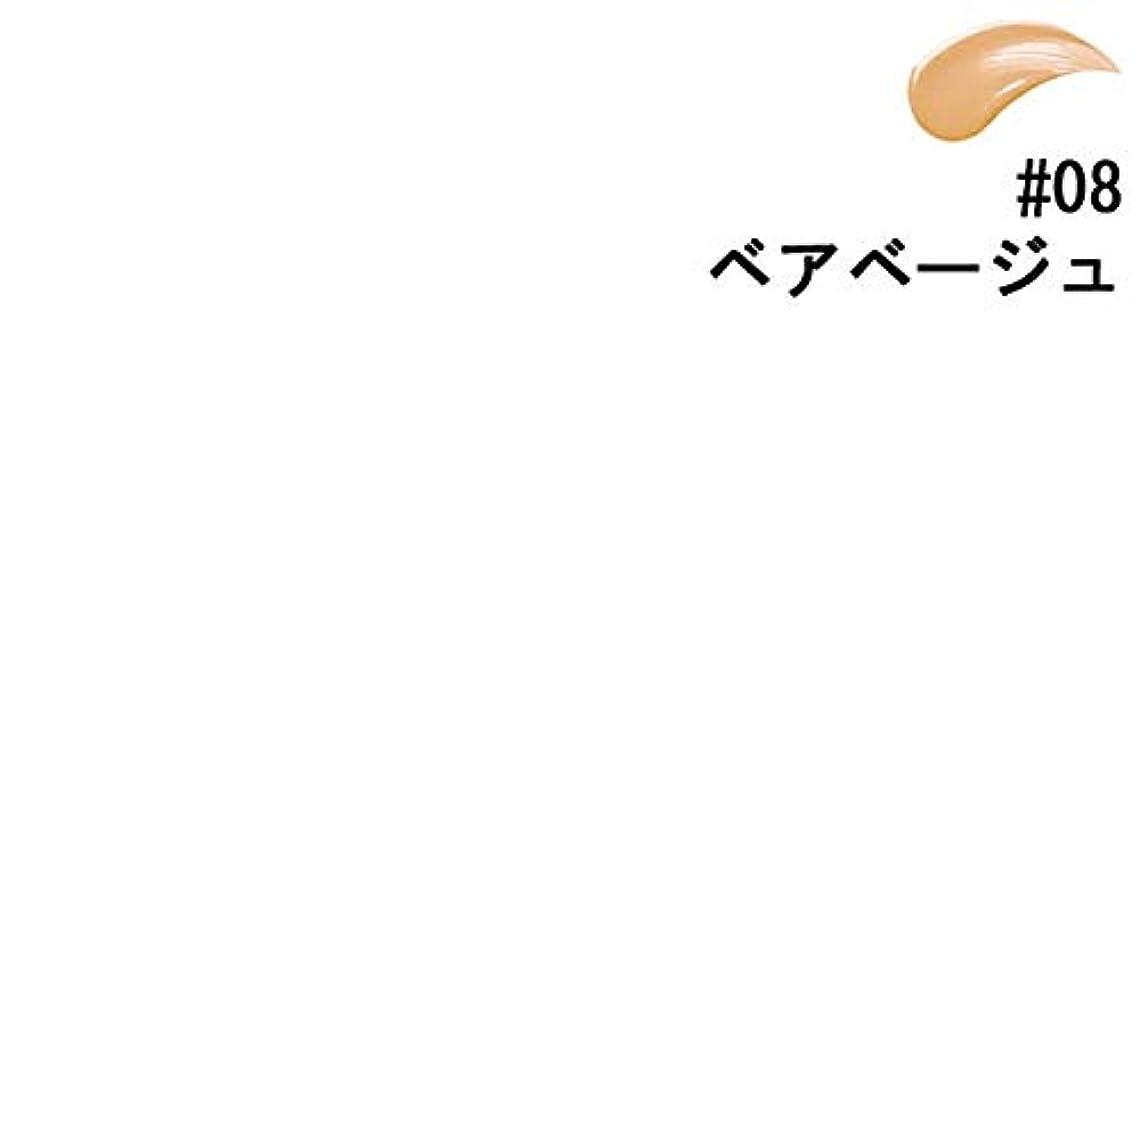 想定するサーマル文芸【ベアミネラル】ベアミネラル ベア ファンデーション #08 ベアベージュ 30ml [並行輸入品]